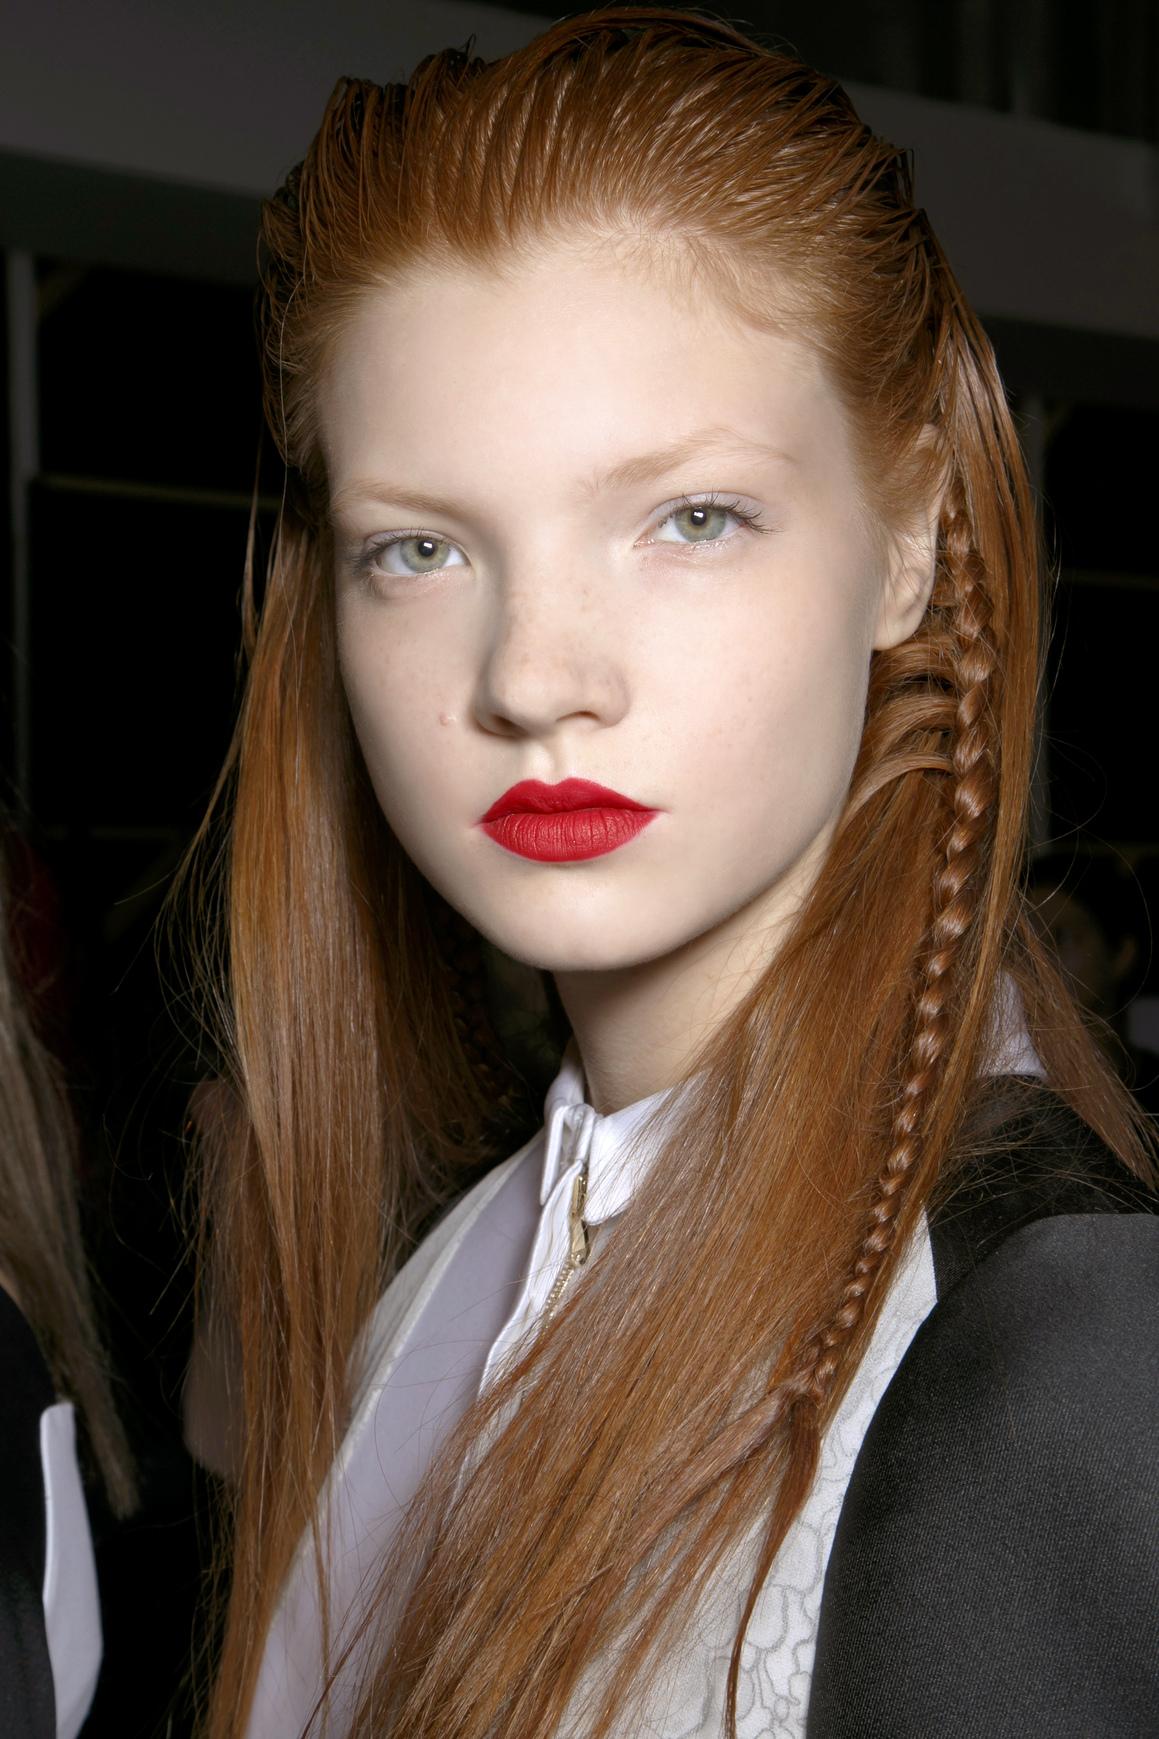 Jaskrawoczerwona szminka komponuje się z rudymi włosami